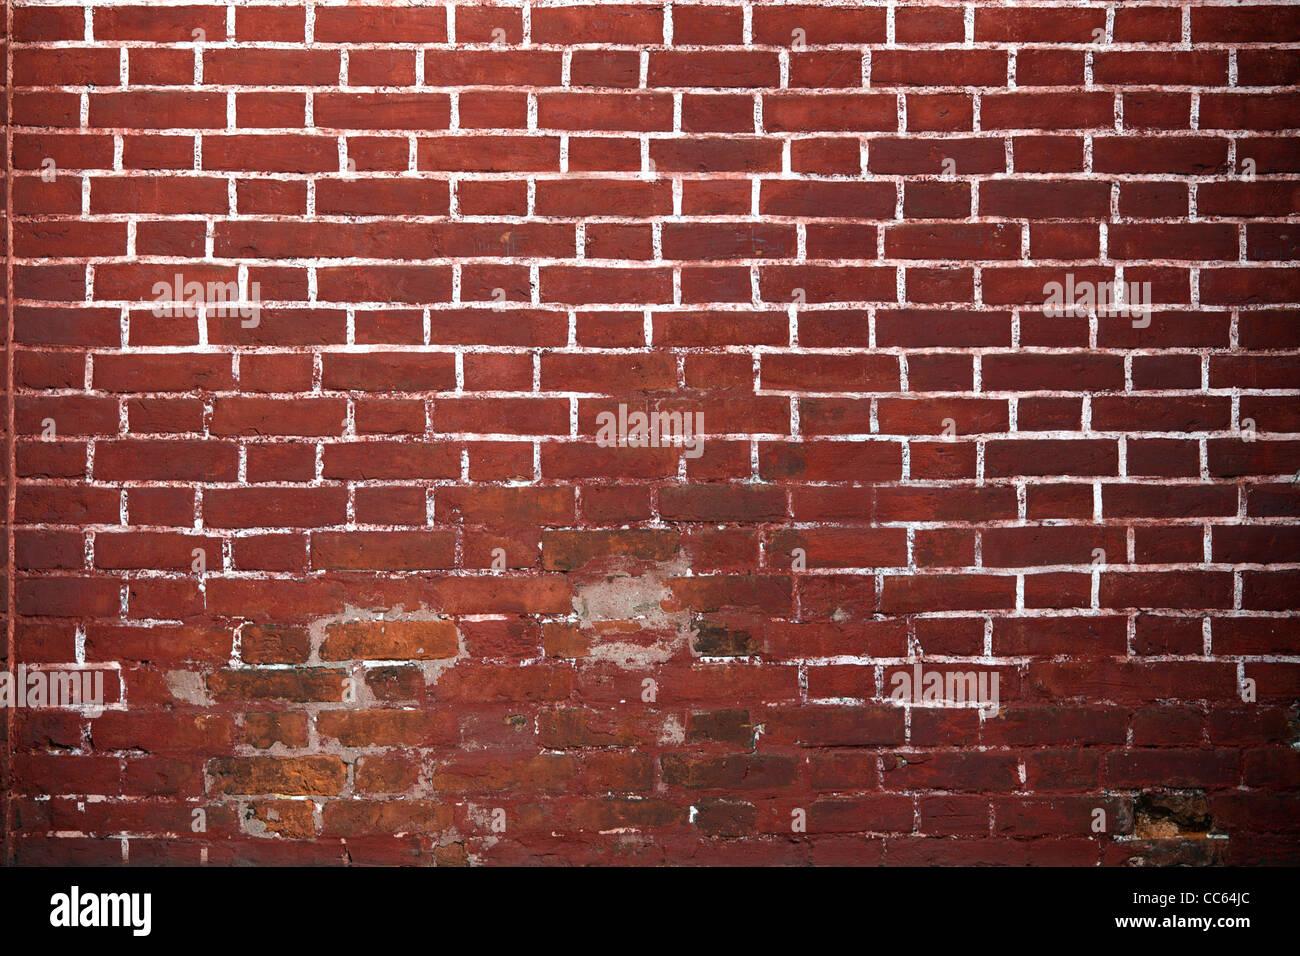 Viejo muro de ladrillo rojo de fondo. Imagen De Stock